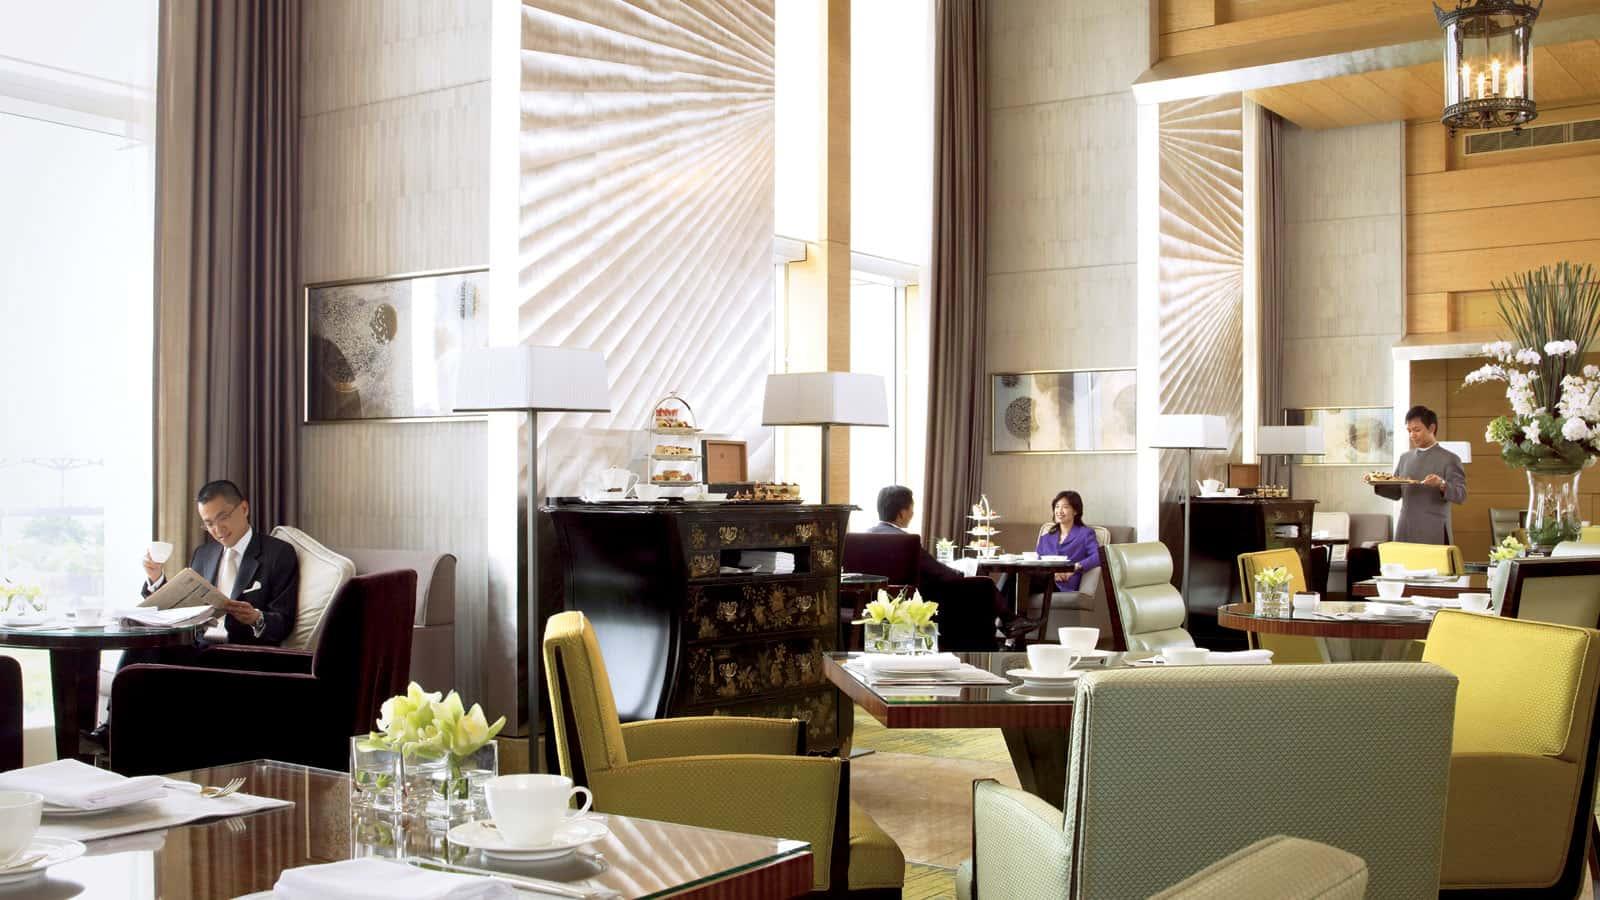 欧式餐厅建筑外观